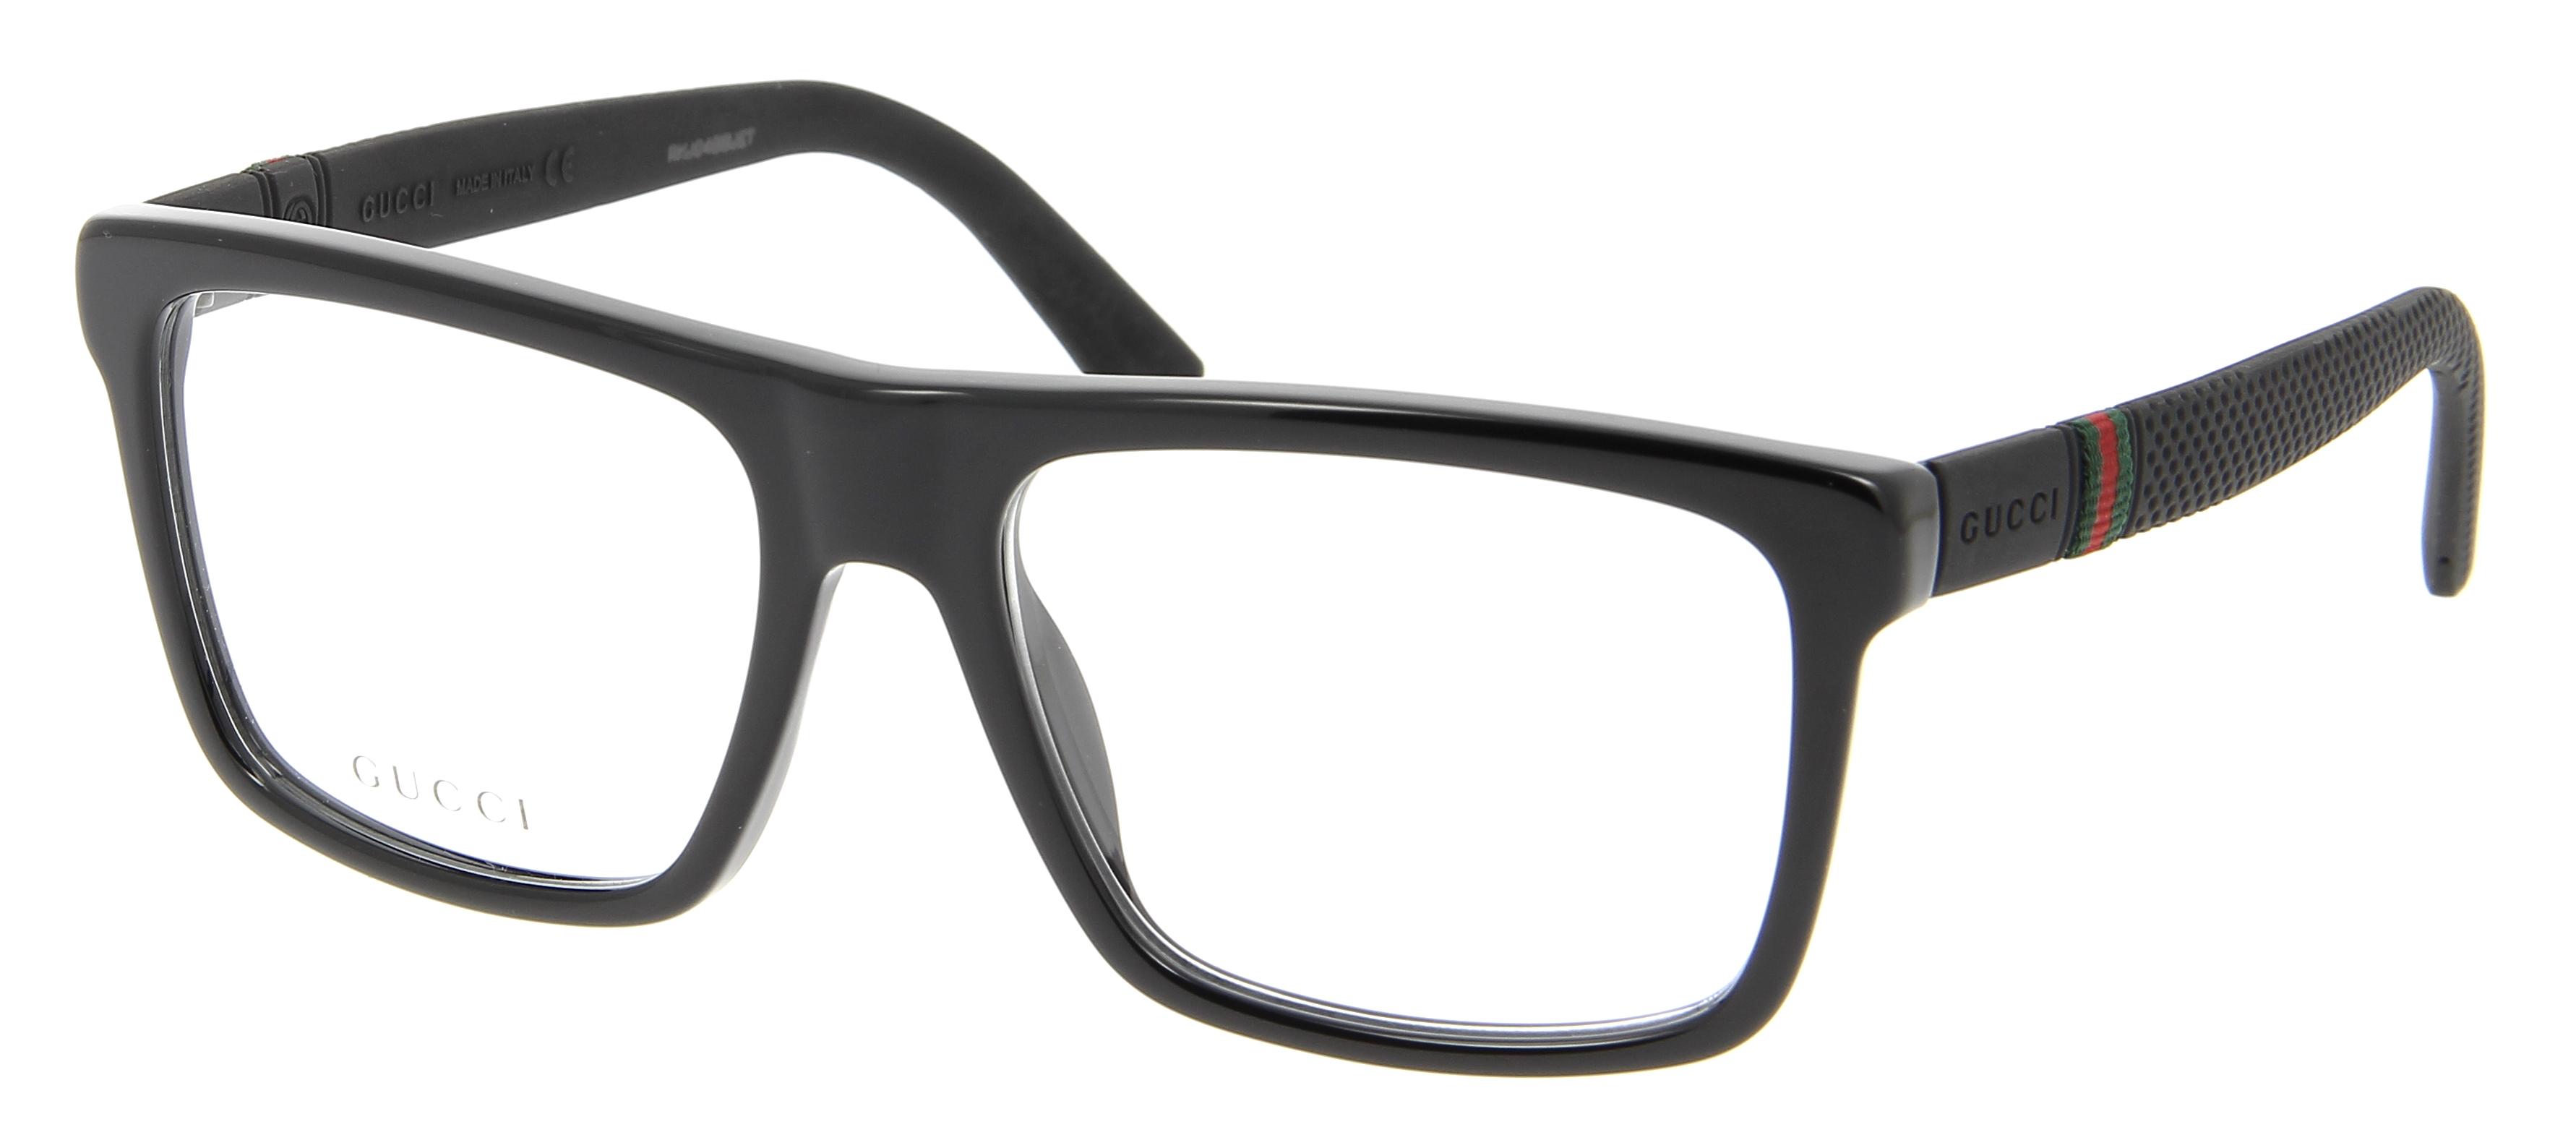 gucci lunettes de vue femme. Black Bedroom Furniture Sets. Home Design Ideas